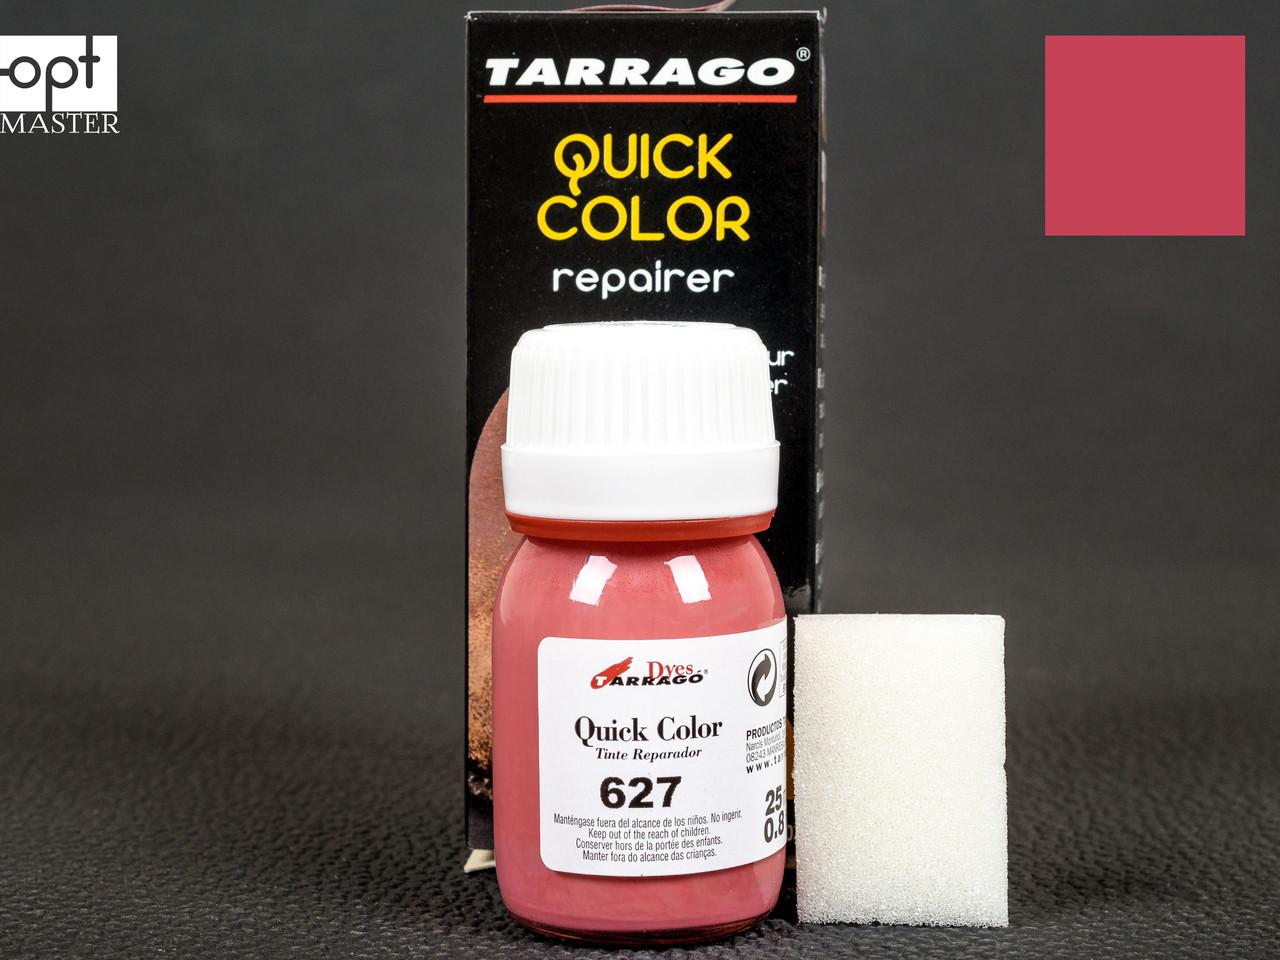 Краска для кожи цв.кармин Tarrago Quick Color, 25 мл,TDC83(627)